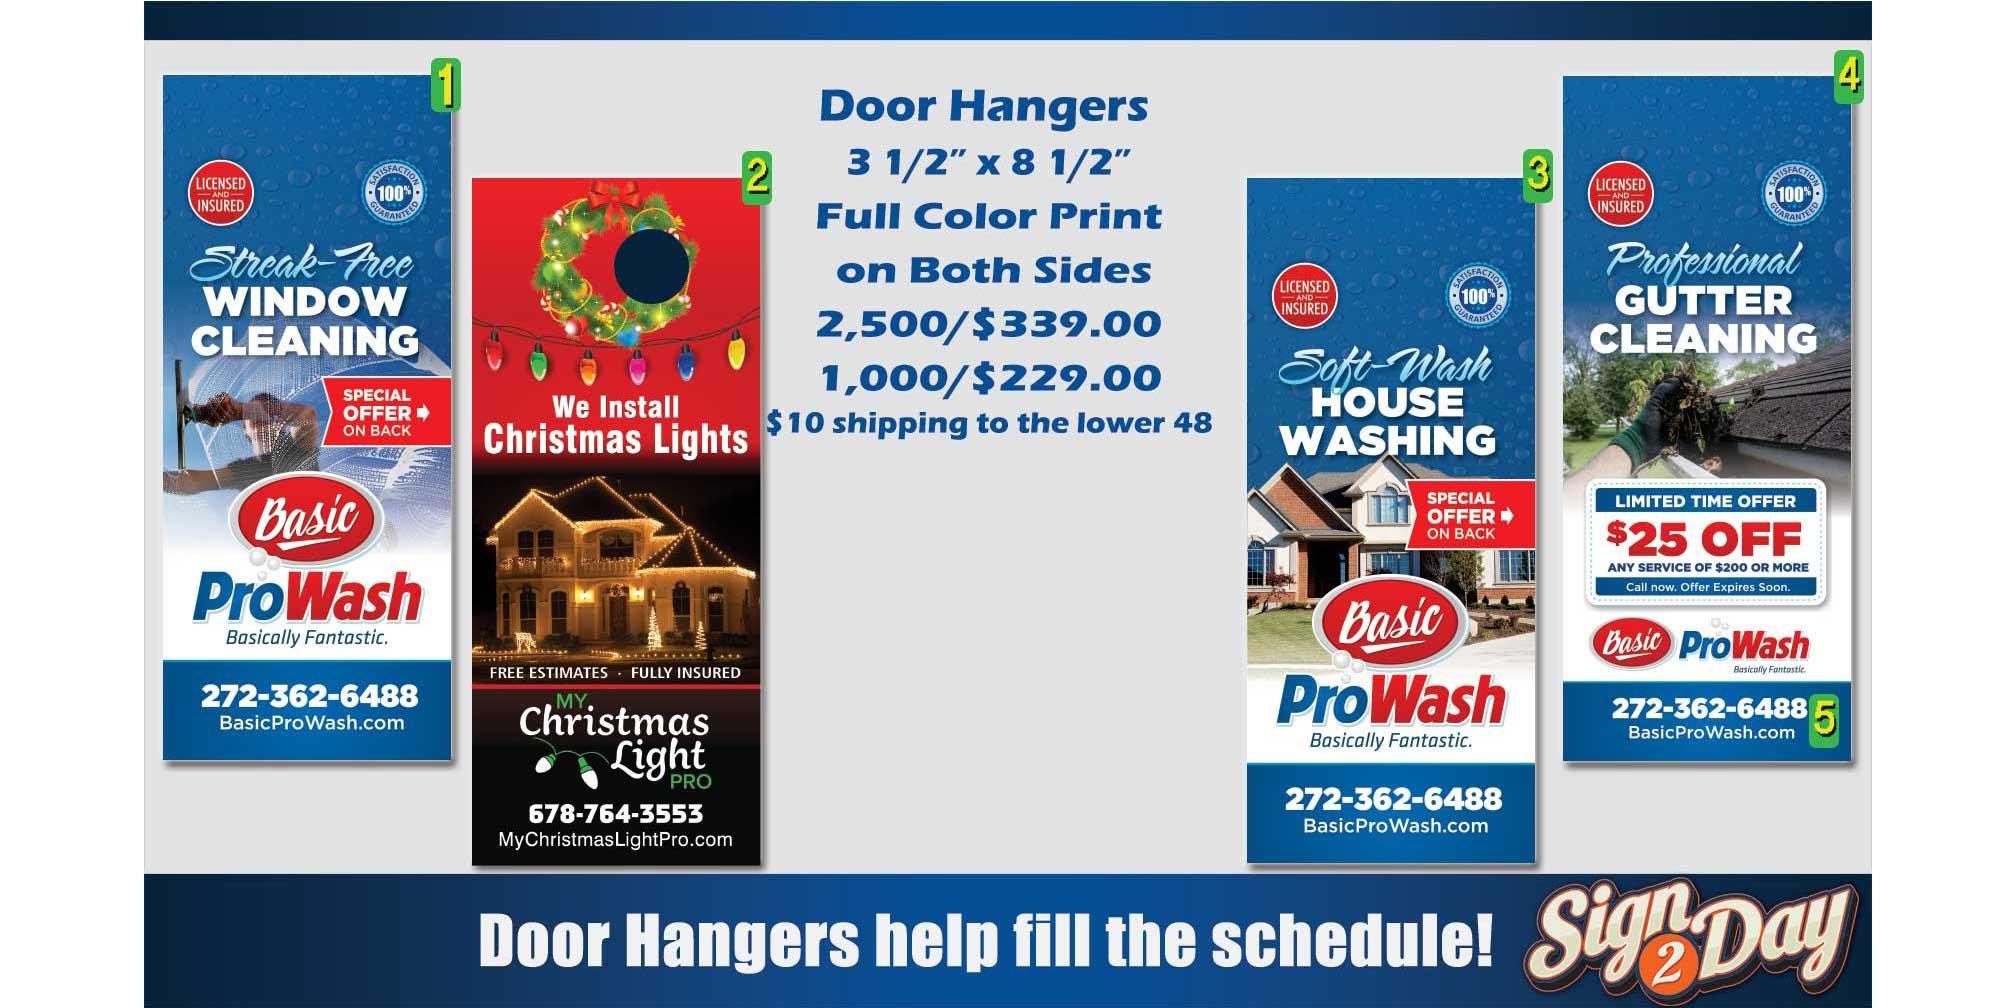 Cheap Gutter Cleaning Door Hanger Ideas